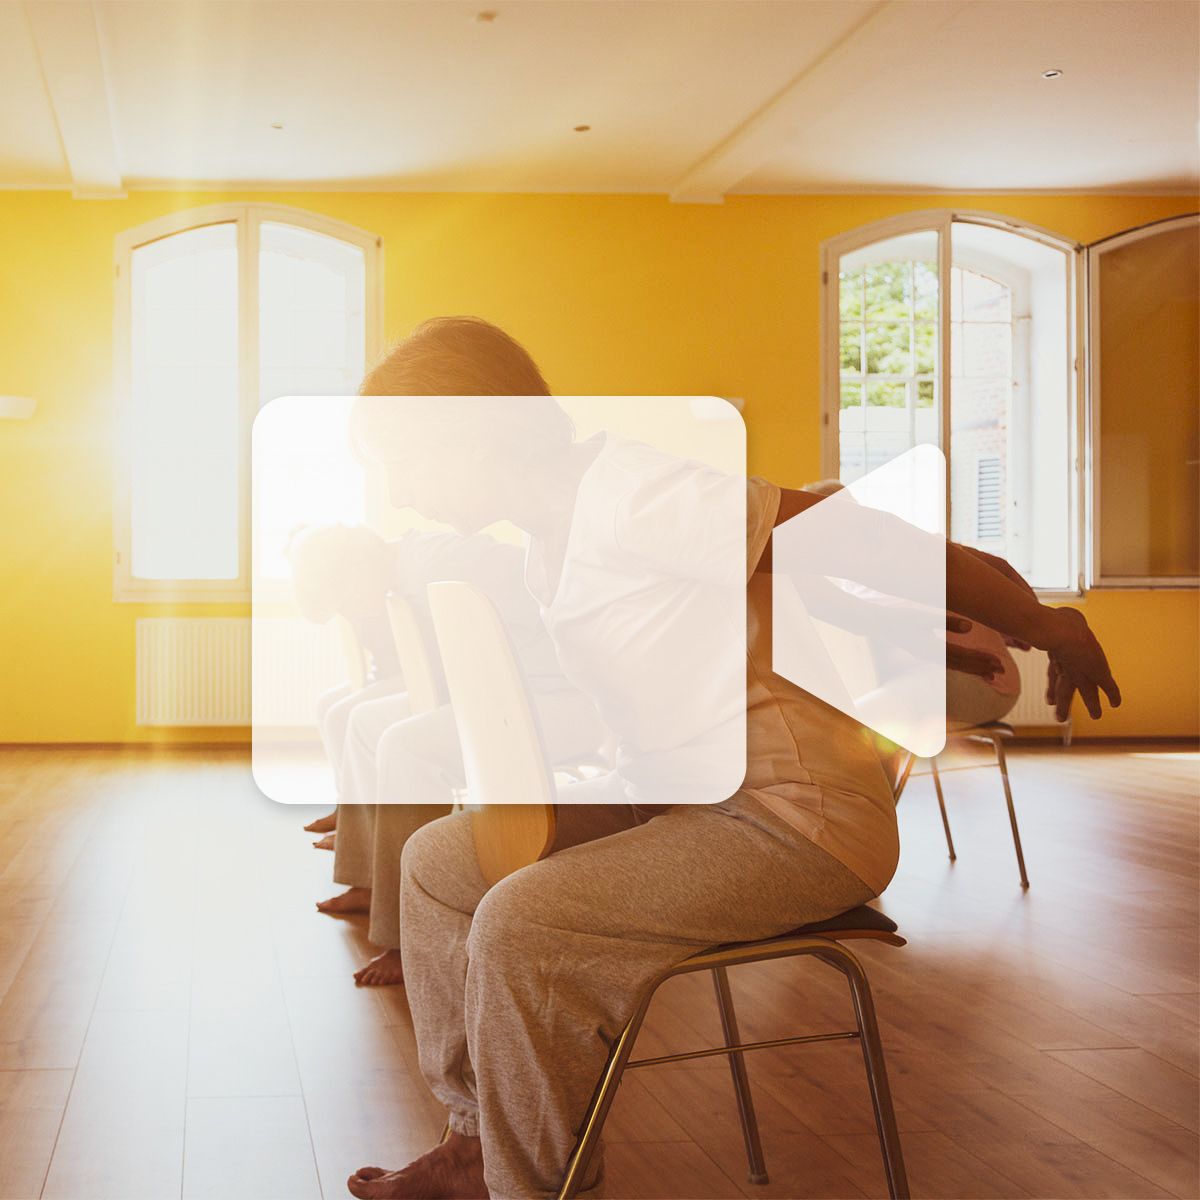 En ligne - Cours d'essai gratuit - Yoga sur chaise